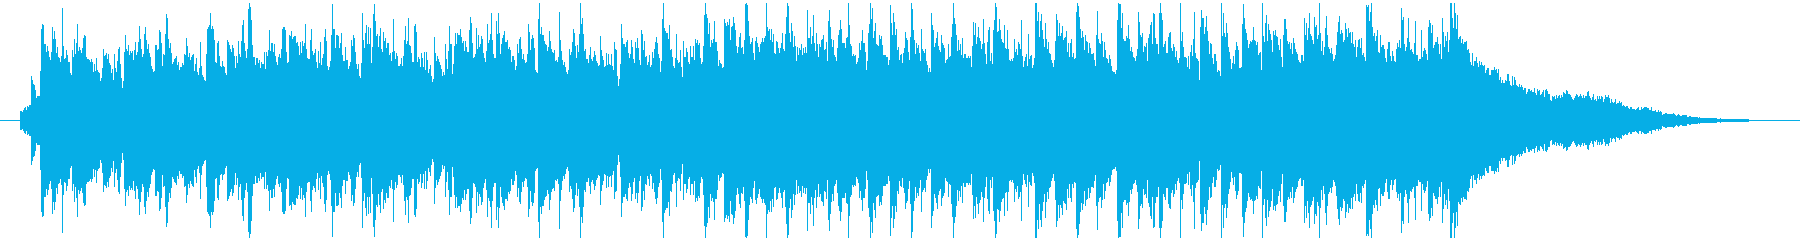 ポップ ロック、ジングルベル クリスマスの再生済みの波形